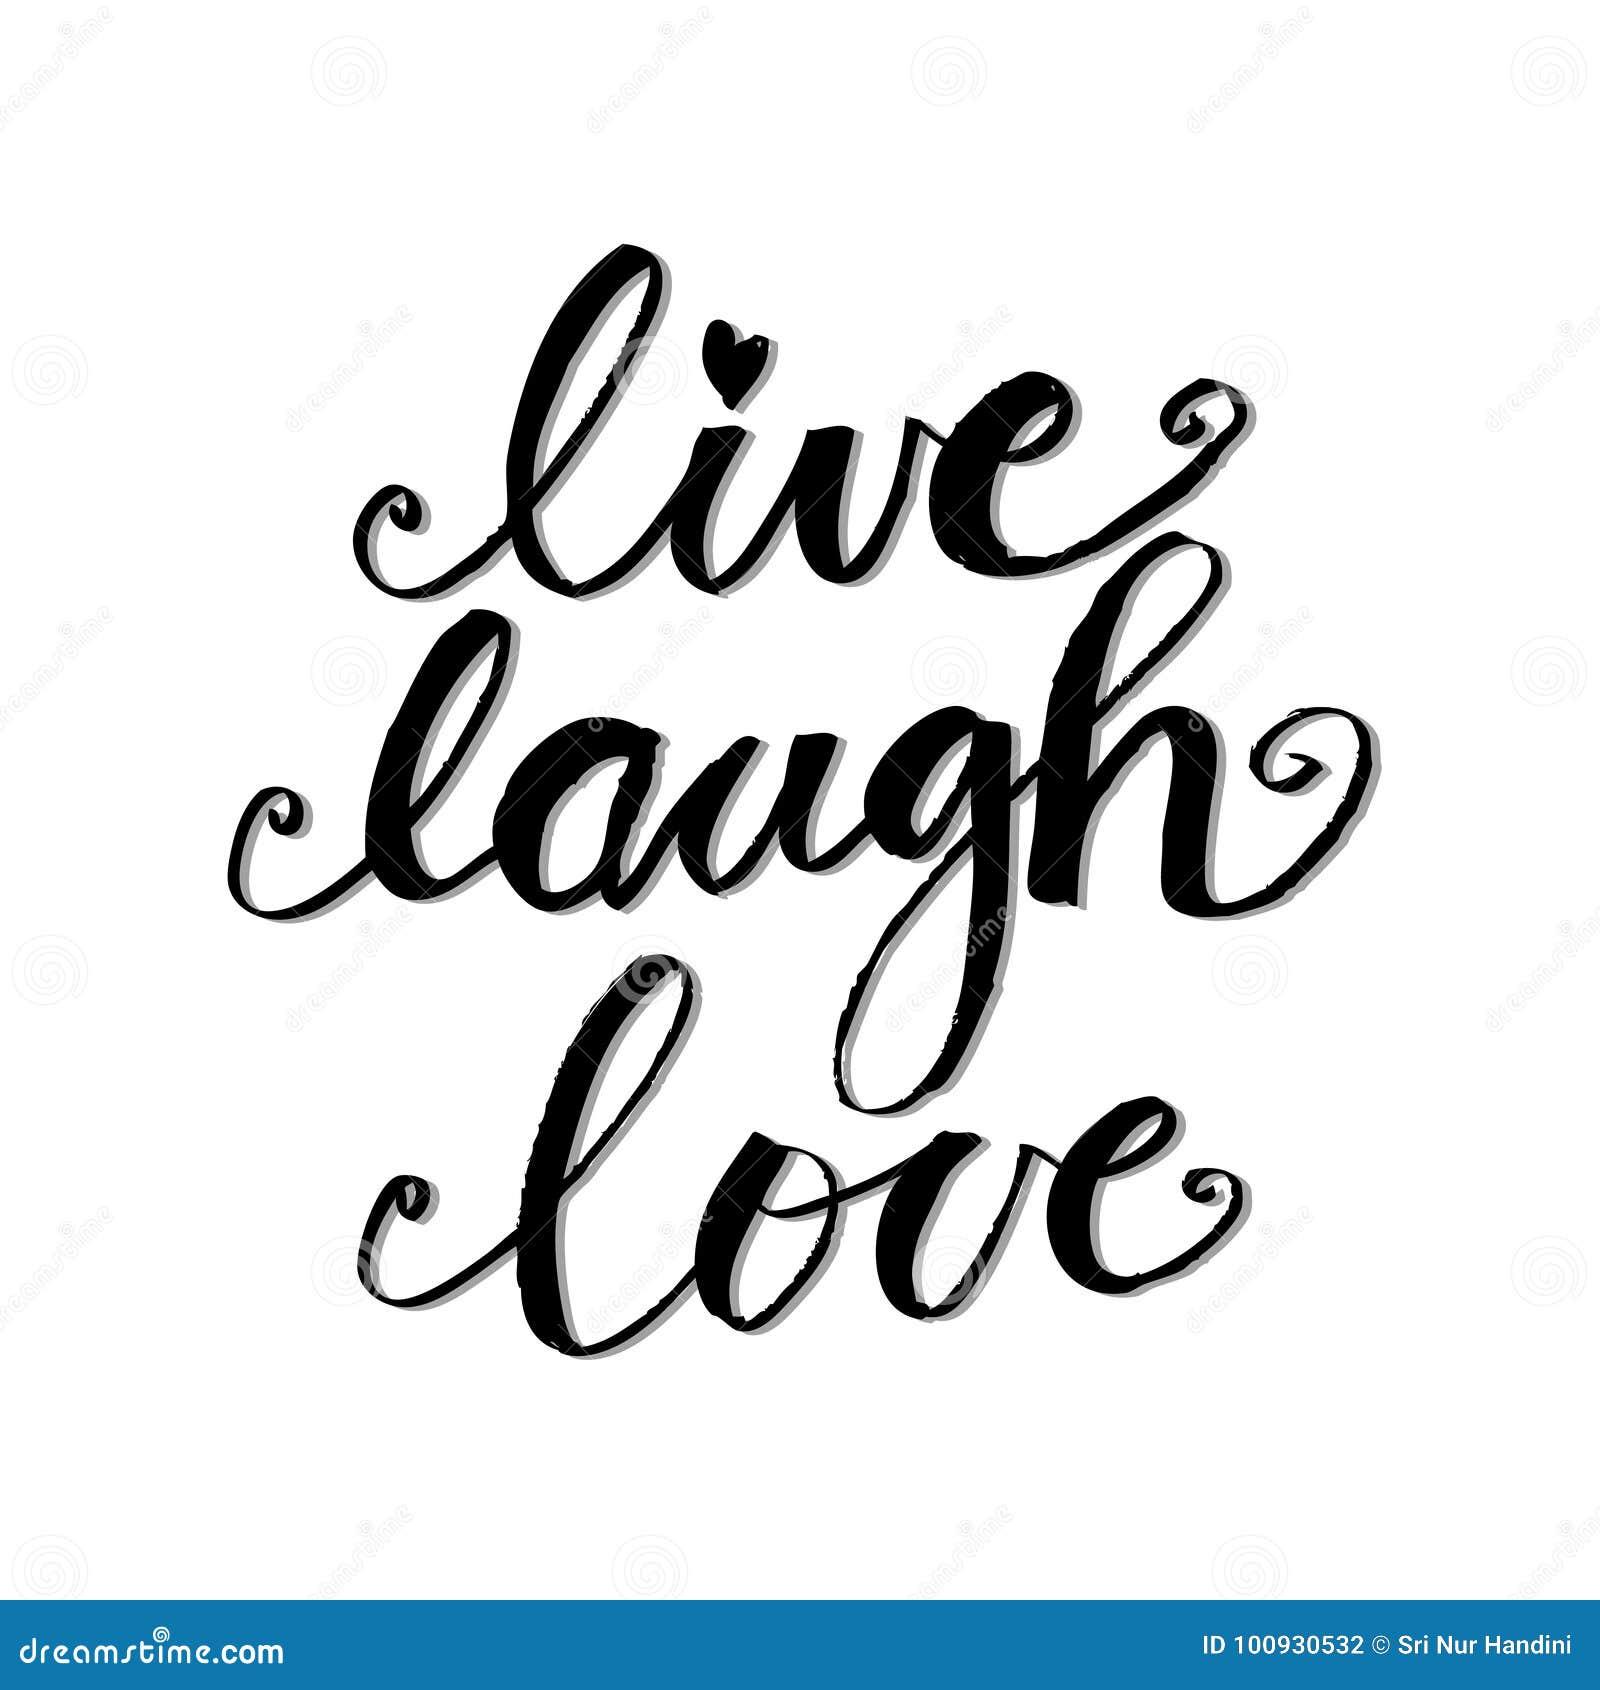 ζωντανή αγάπη γέλιου